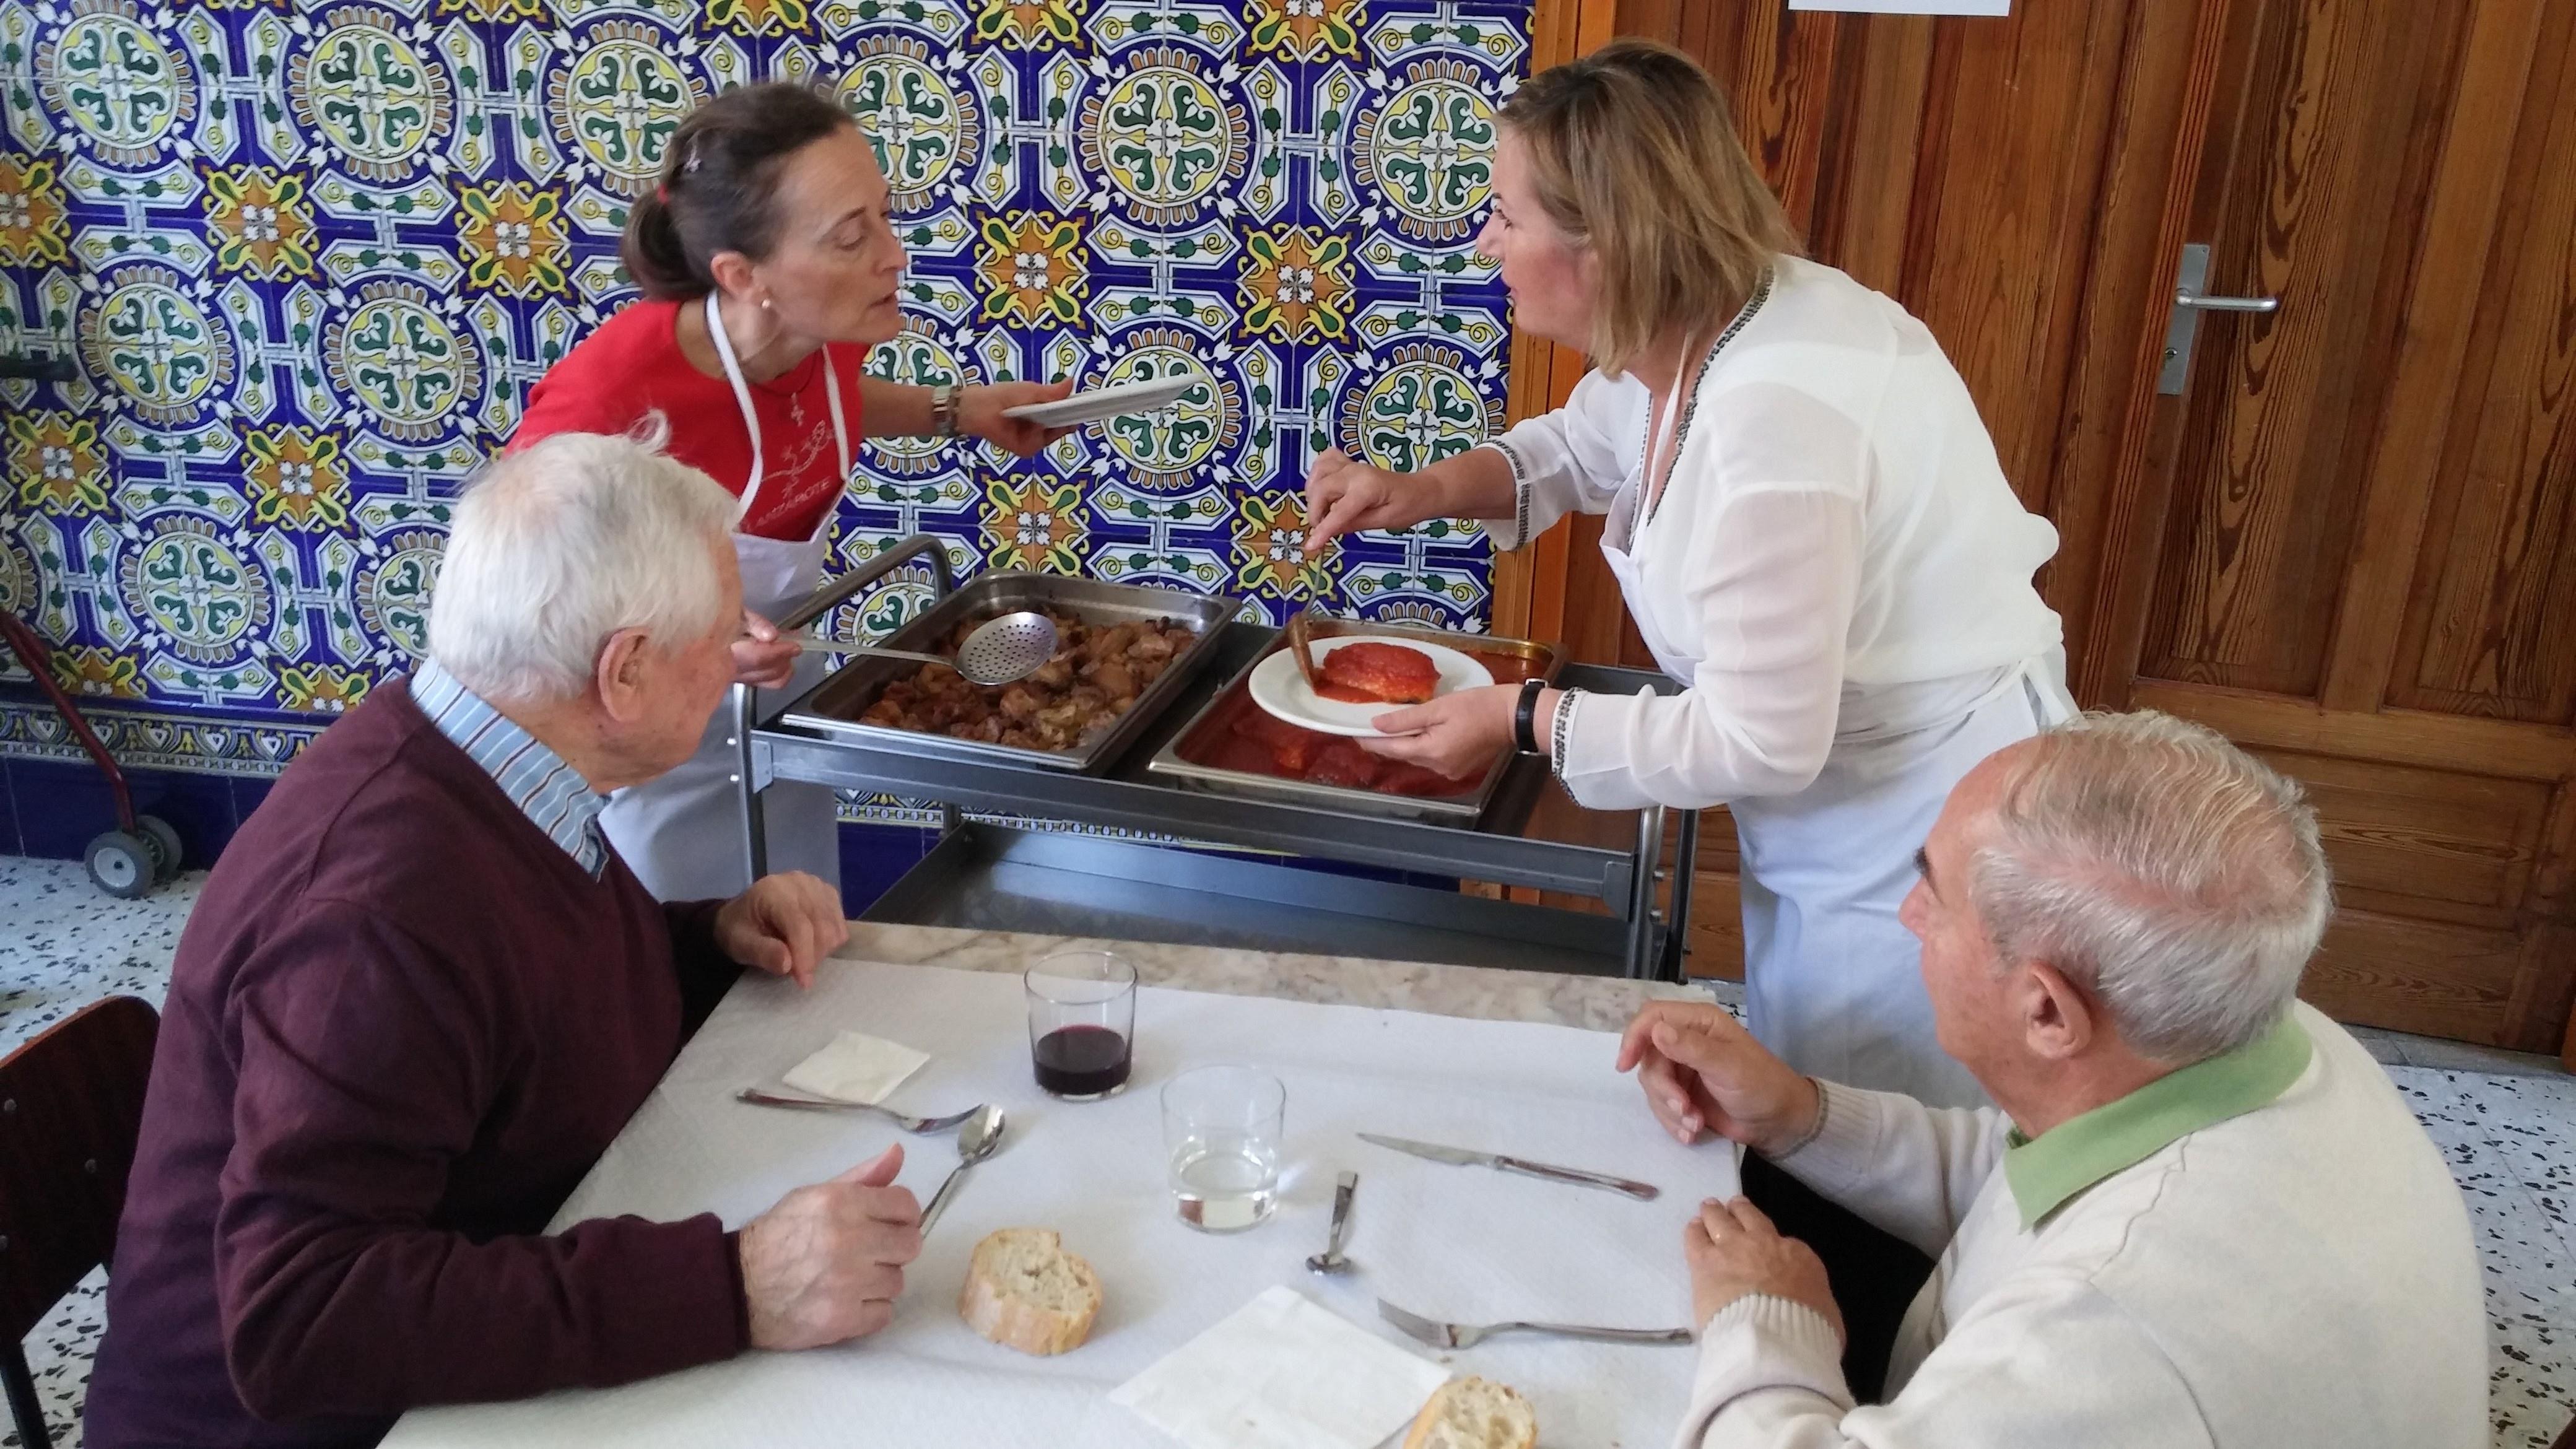 2015.10.2-4 - IEP LA CONVERSIÓN + COMIDA COMUNITARIA (13).jpg